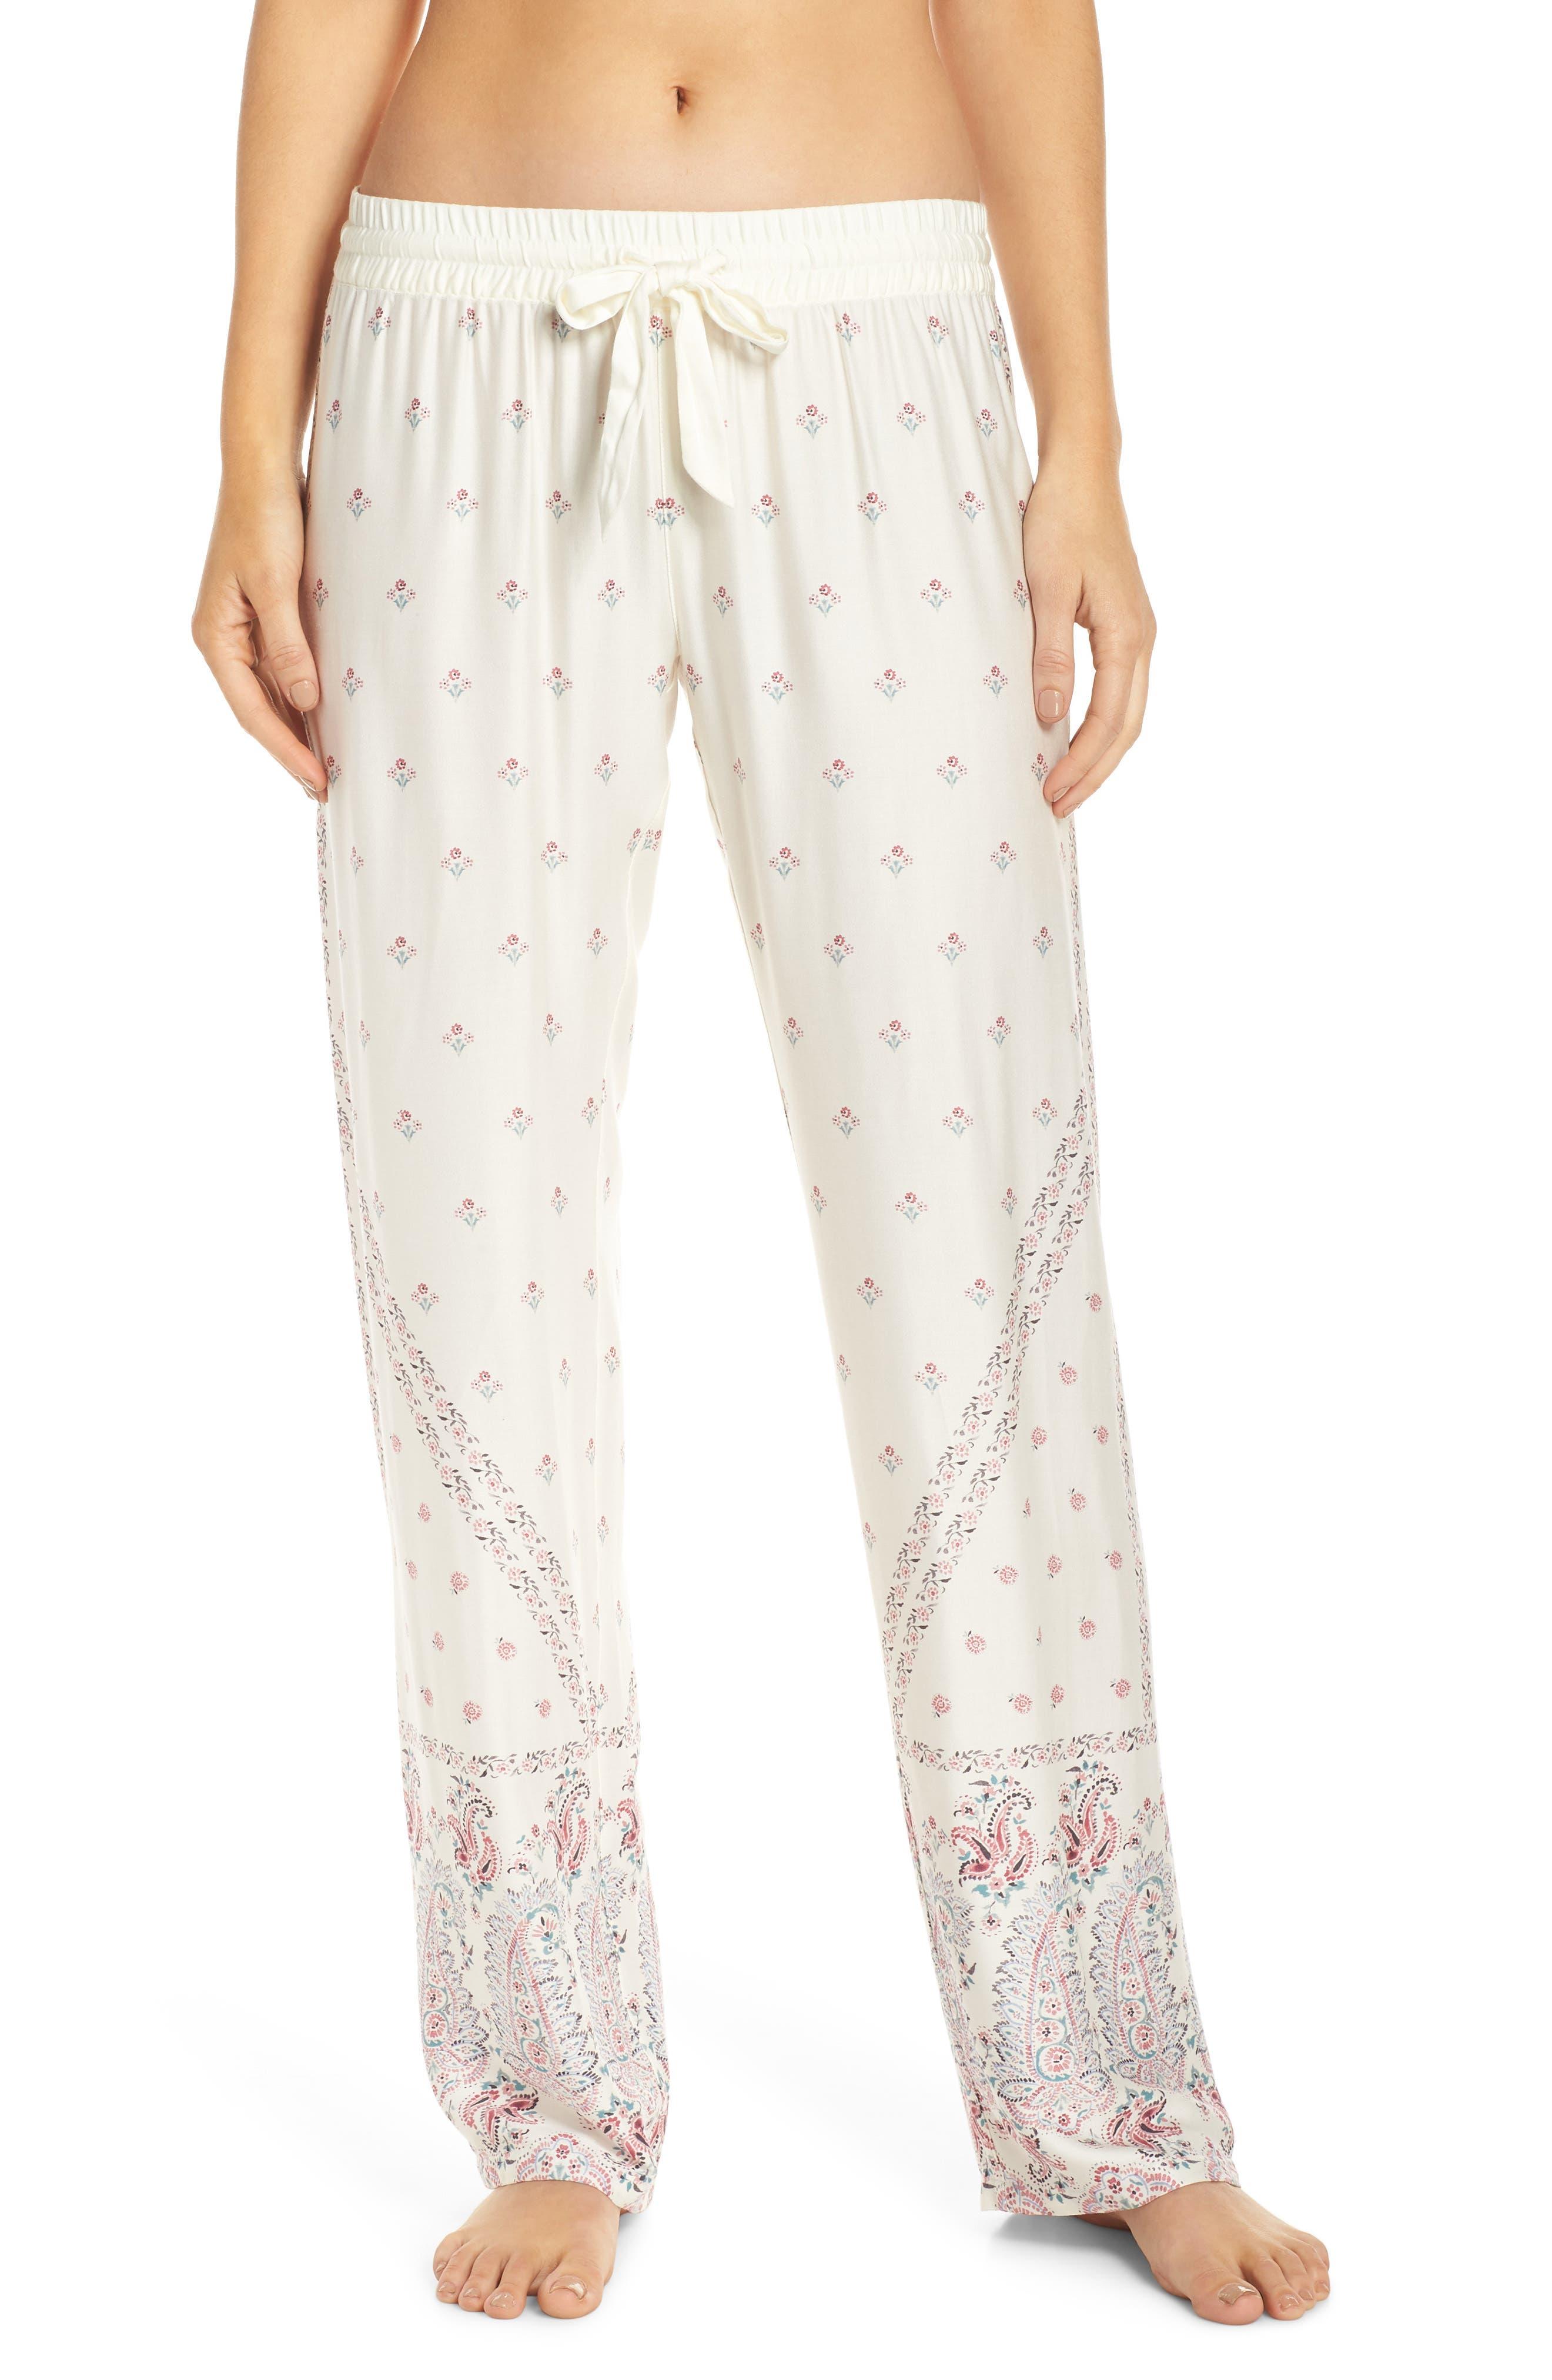 Pj Salvage Paisley Park Pajama Pants, White